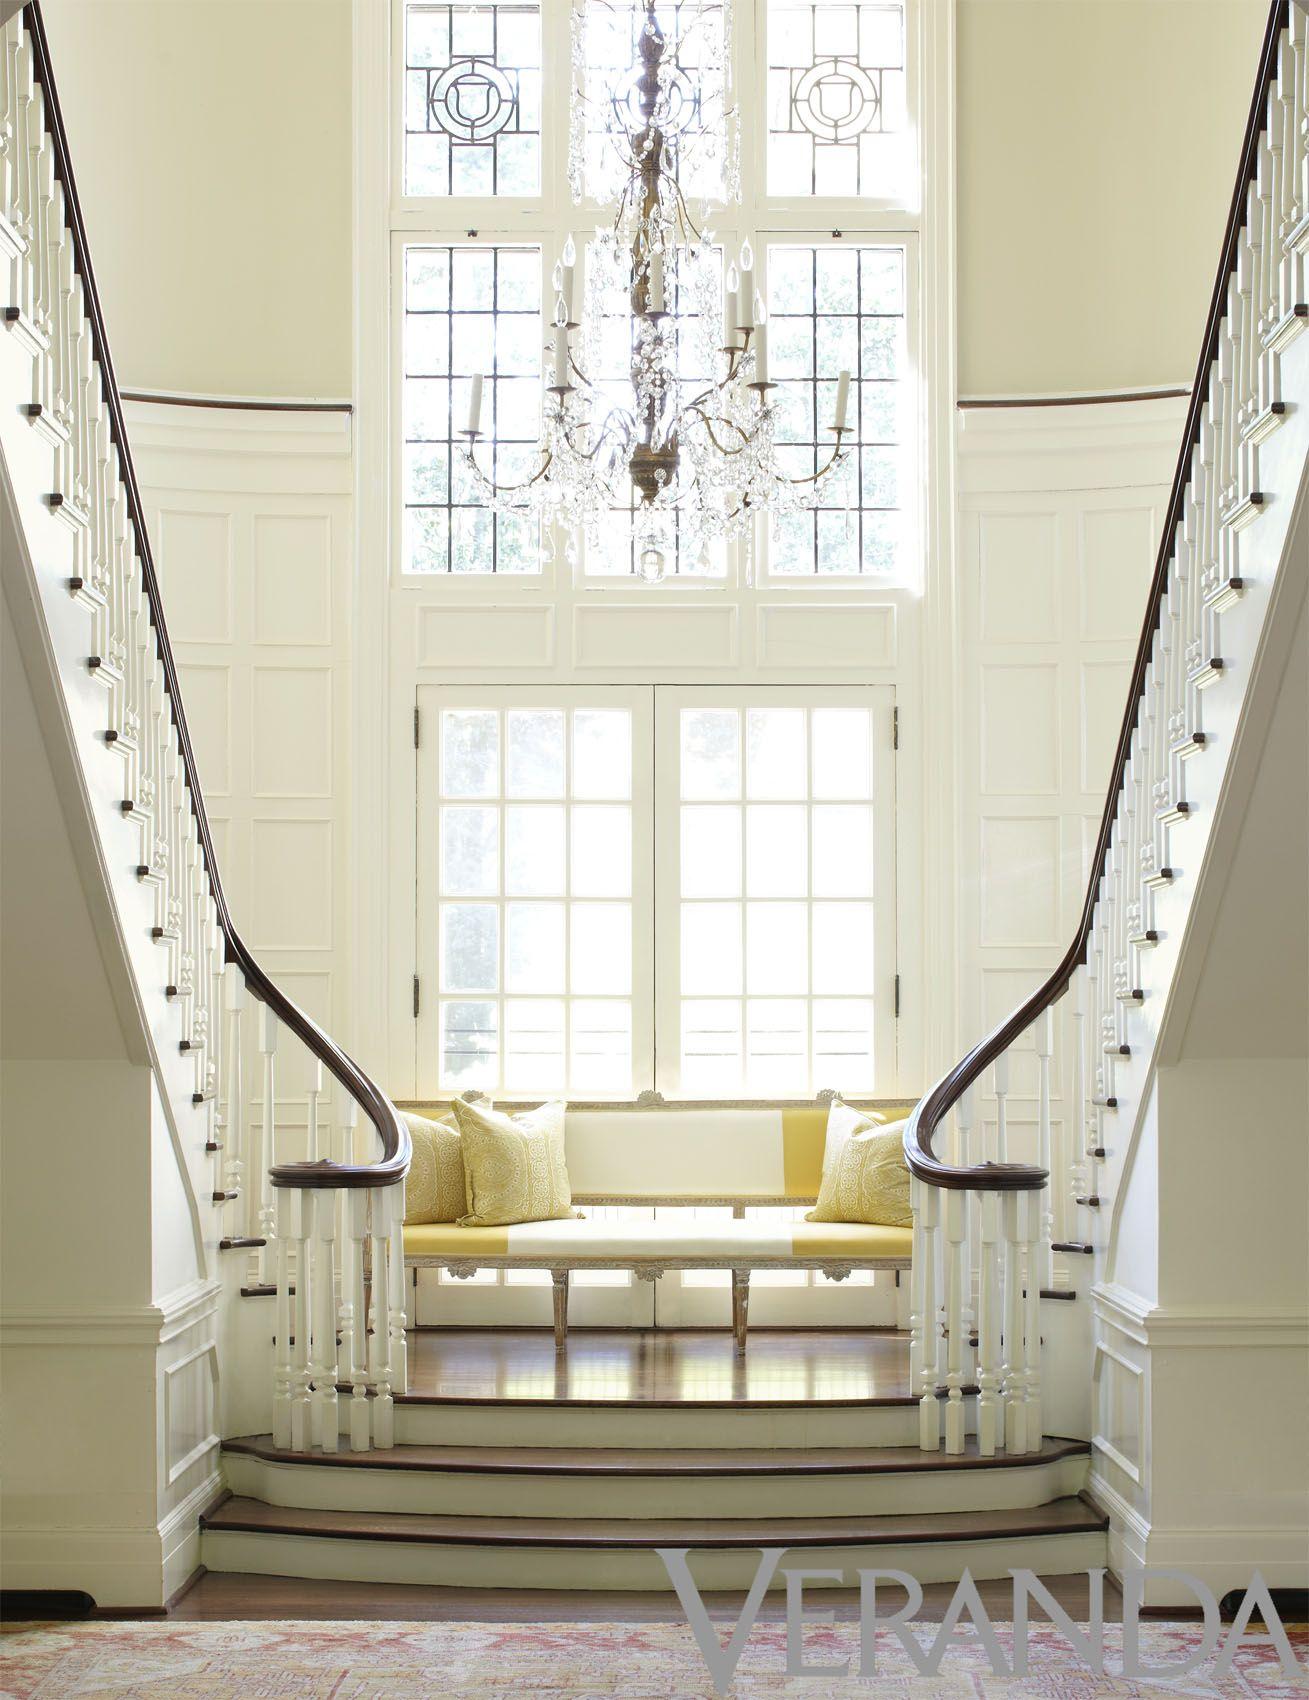 Best Interior Design By Jane Schwab Photography By Laura Resen 400 x 300